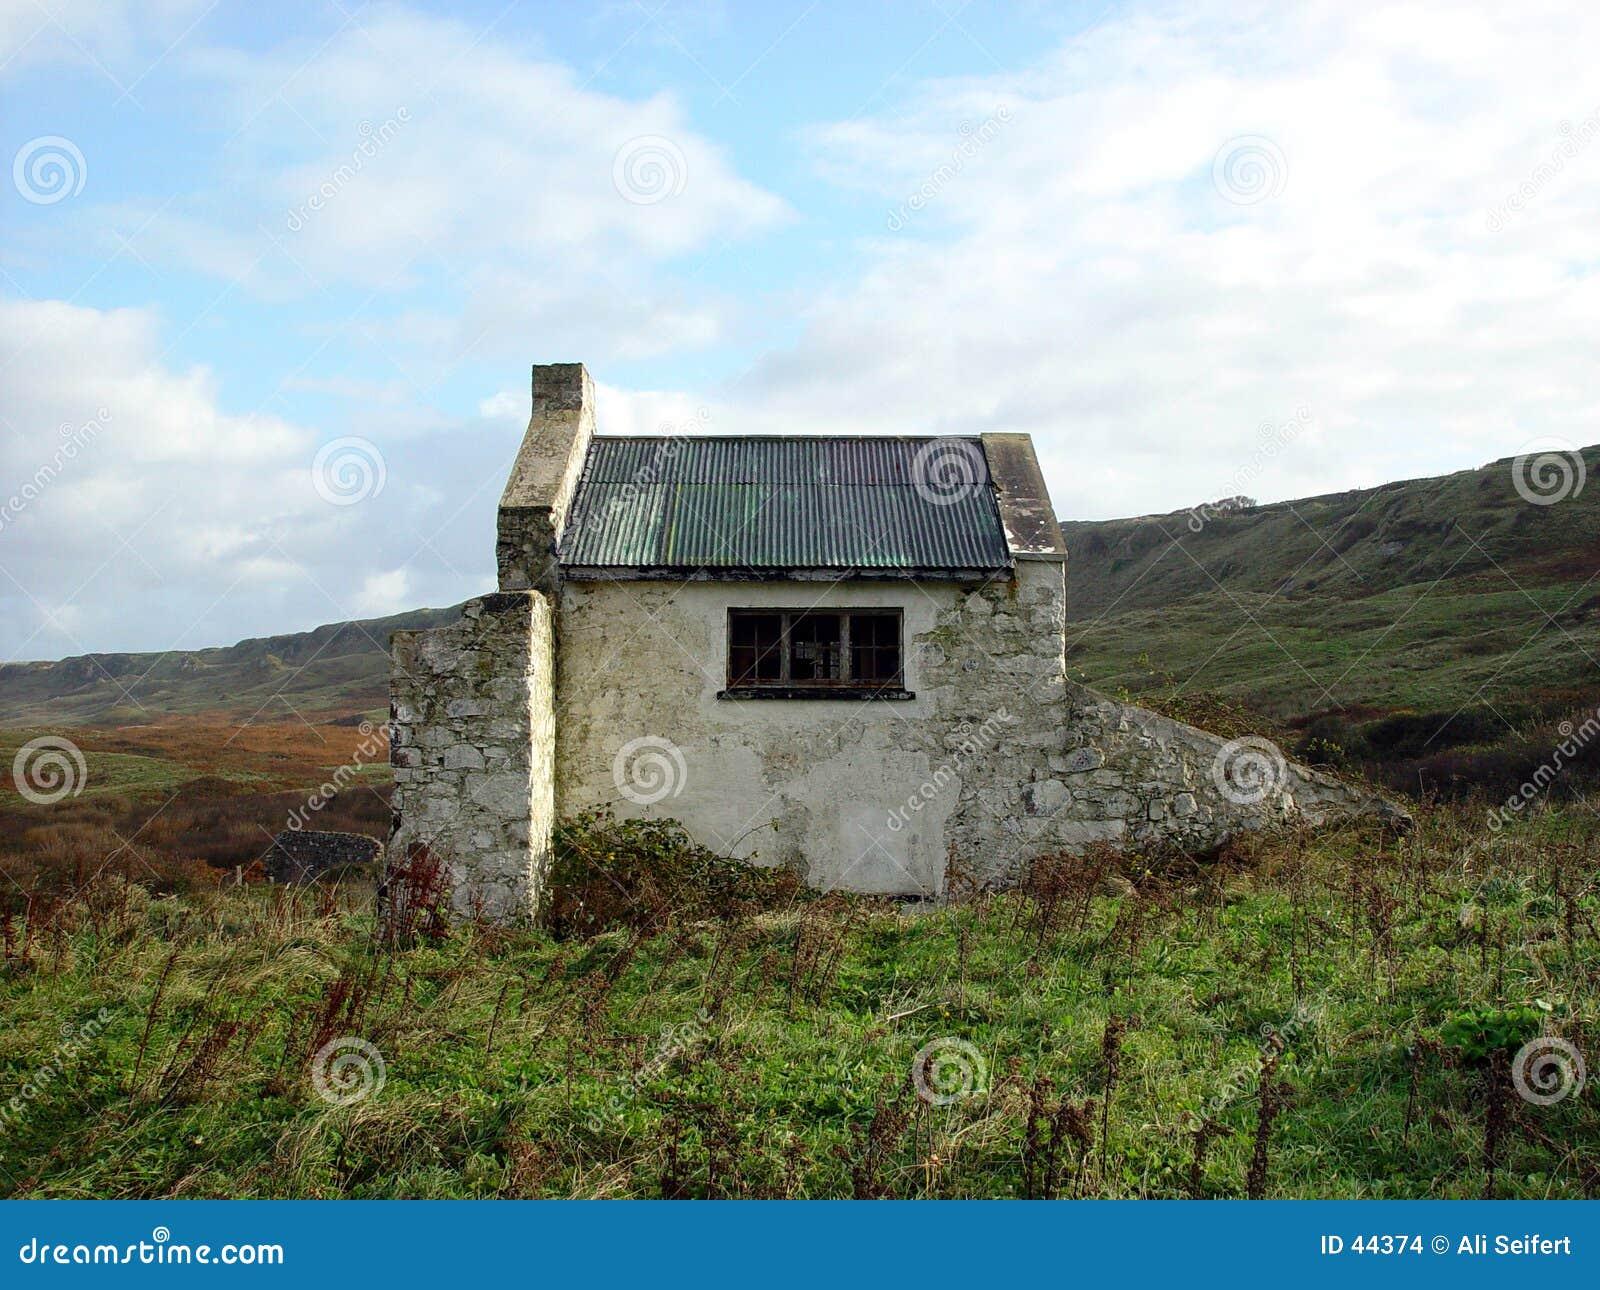 Download Cabaña irlandesa foto de archivo. Imagen de piedra, edificio - 44374